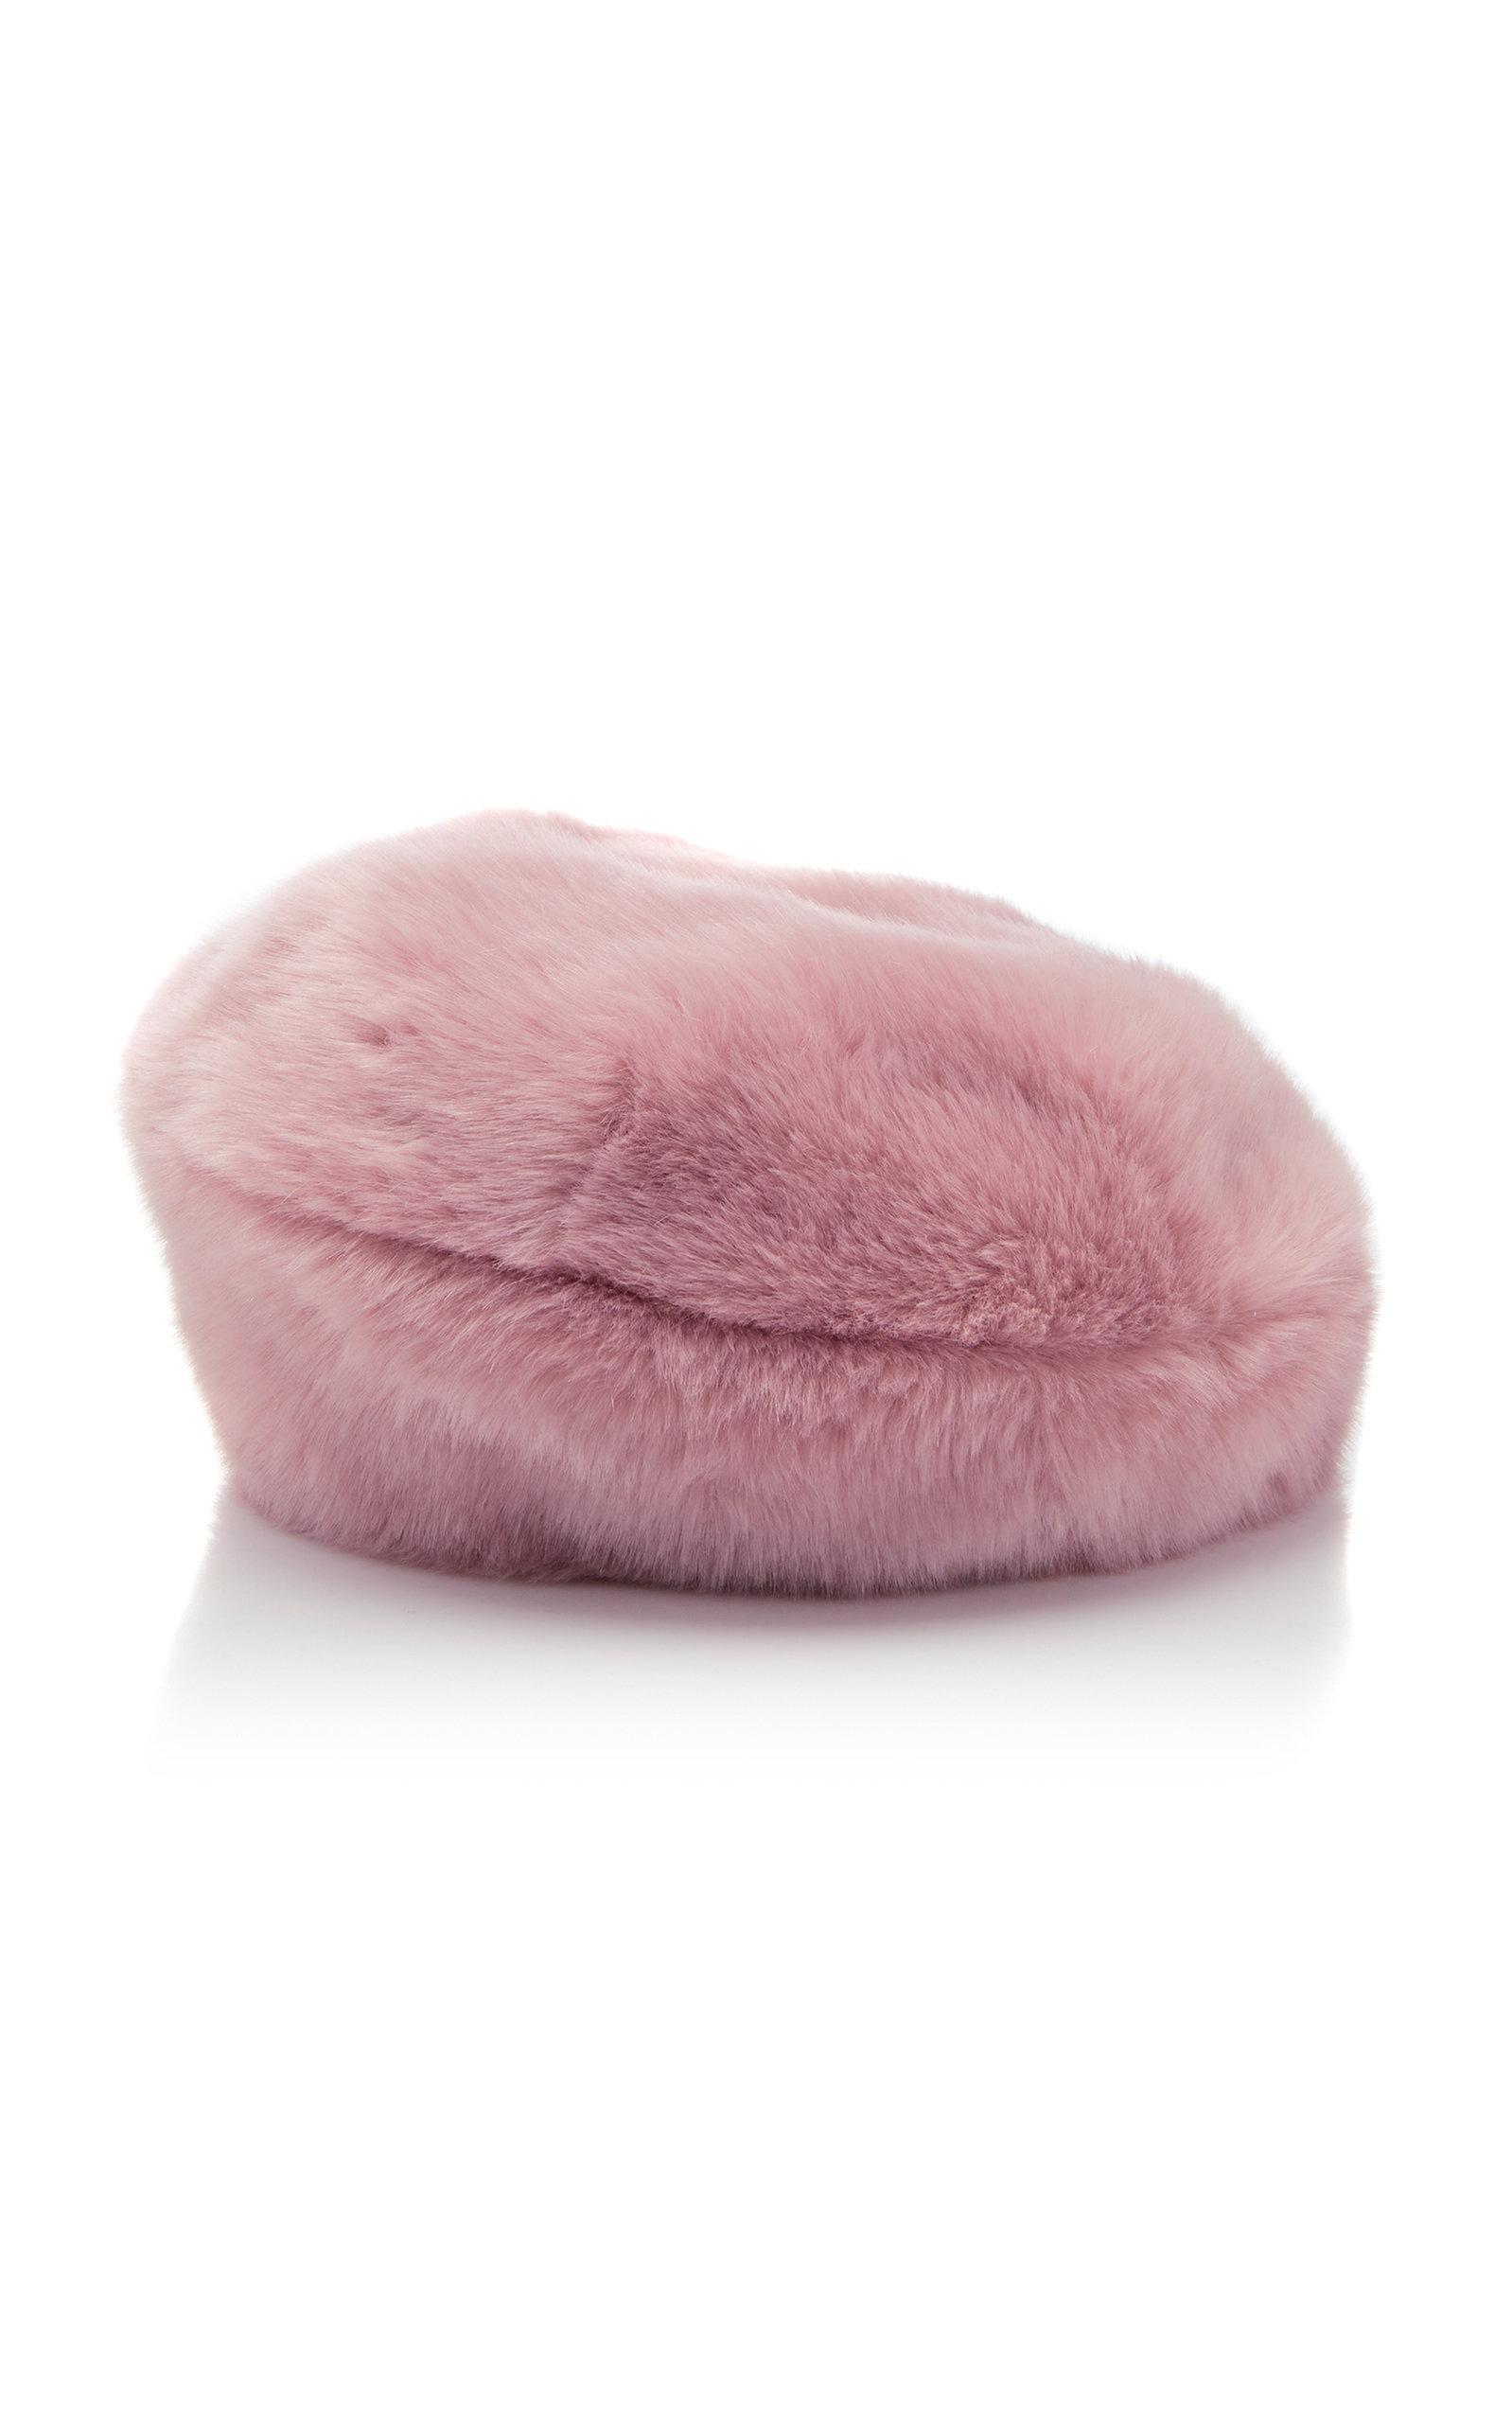 Mishka Faux Fur Beret, Pink